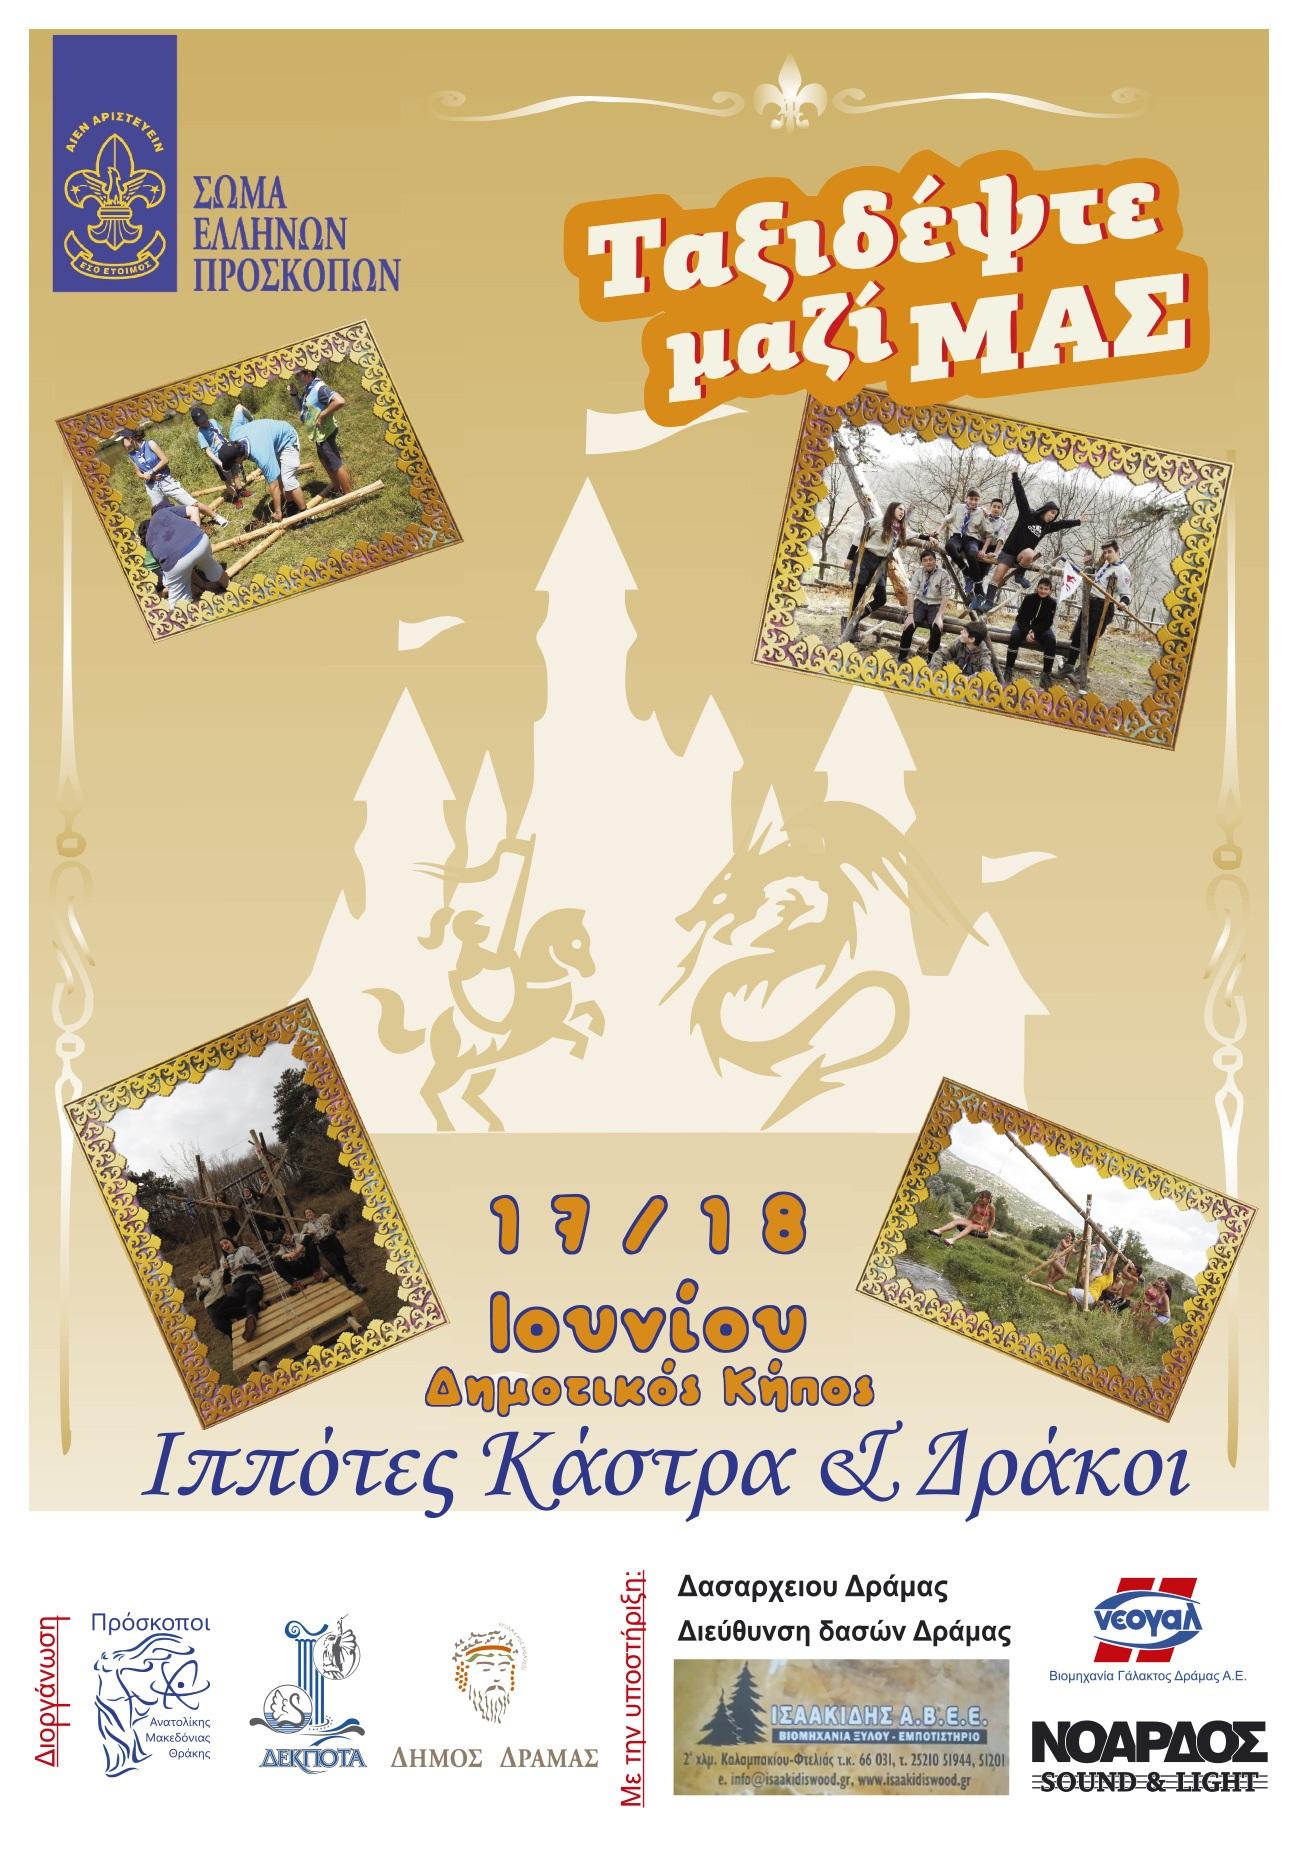 Θεματικό Πάρκο των Προσκόπων Ανατ. Μακεδονίας & Θράκης   «Ταξιδέψτε μαζί μας – Ιππότες, Κάστρα & Δράκοι»  στη Δράμα 16-18 Ιουνίου 2017